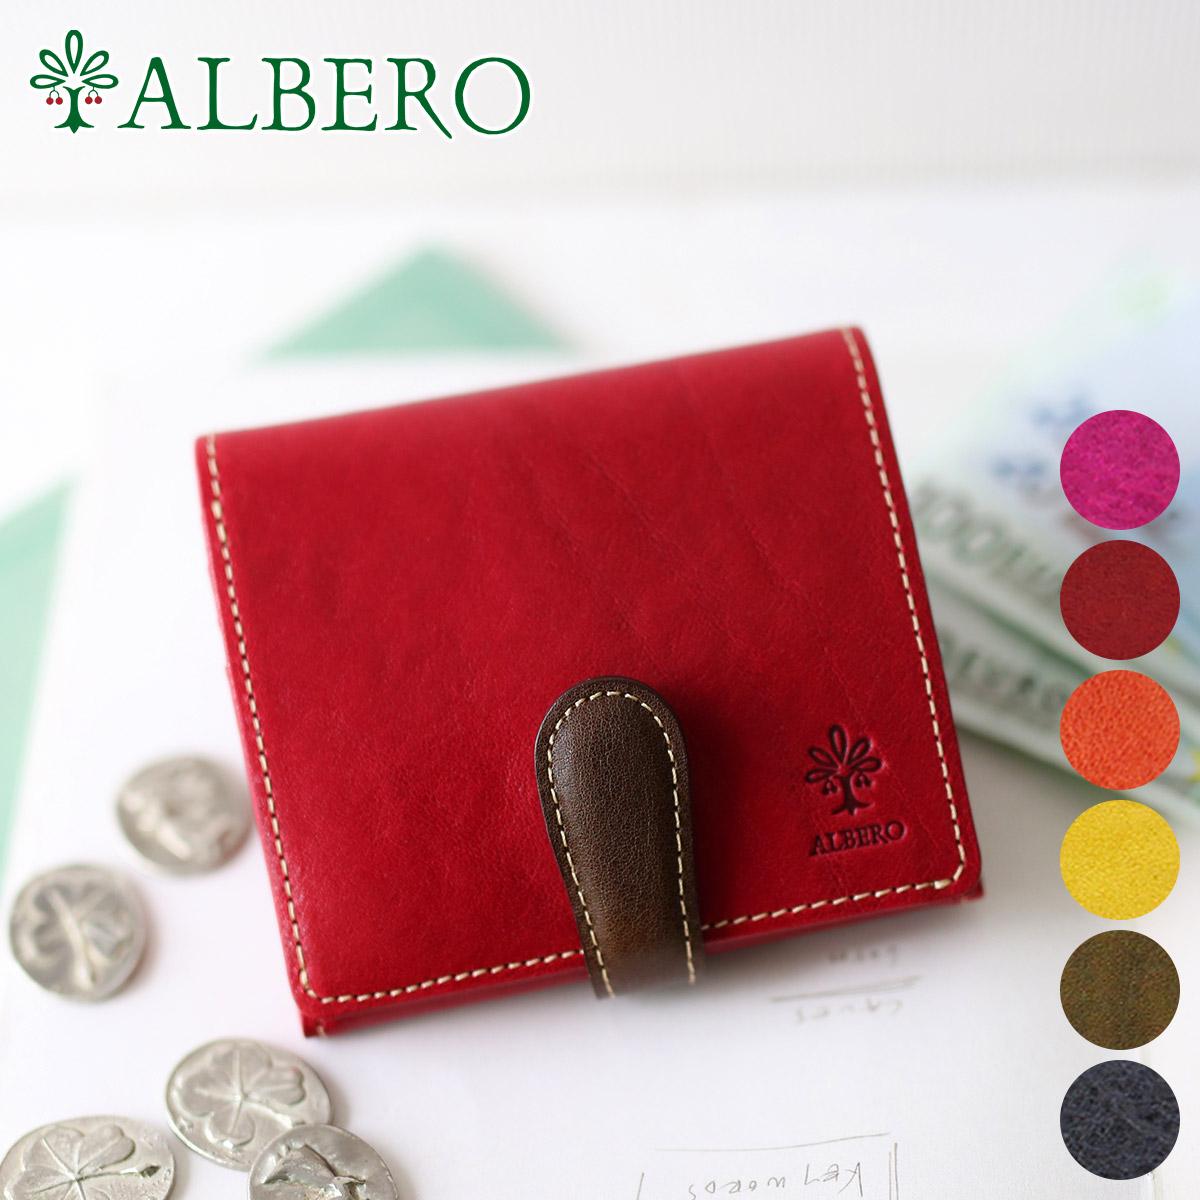 【かわいいWプレゼント付】 ALBERO アルベロ 財布PIERROT(ピエロ) 小銭入れ付き二つ折り財布 6414レディース 財布 二つ折り 日本製 ギフト かわいい おしゃれ プレゼント ブランド